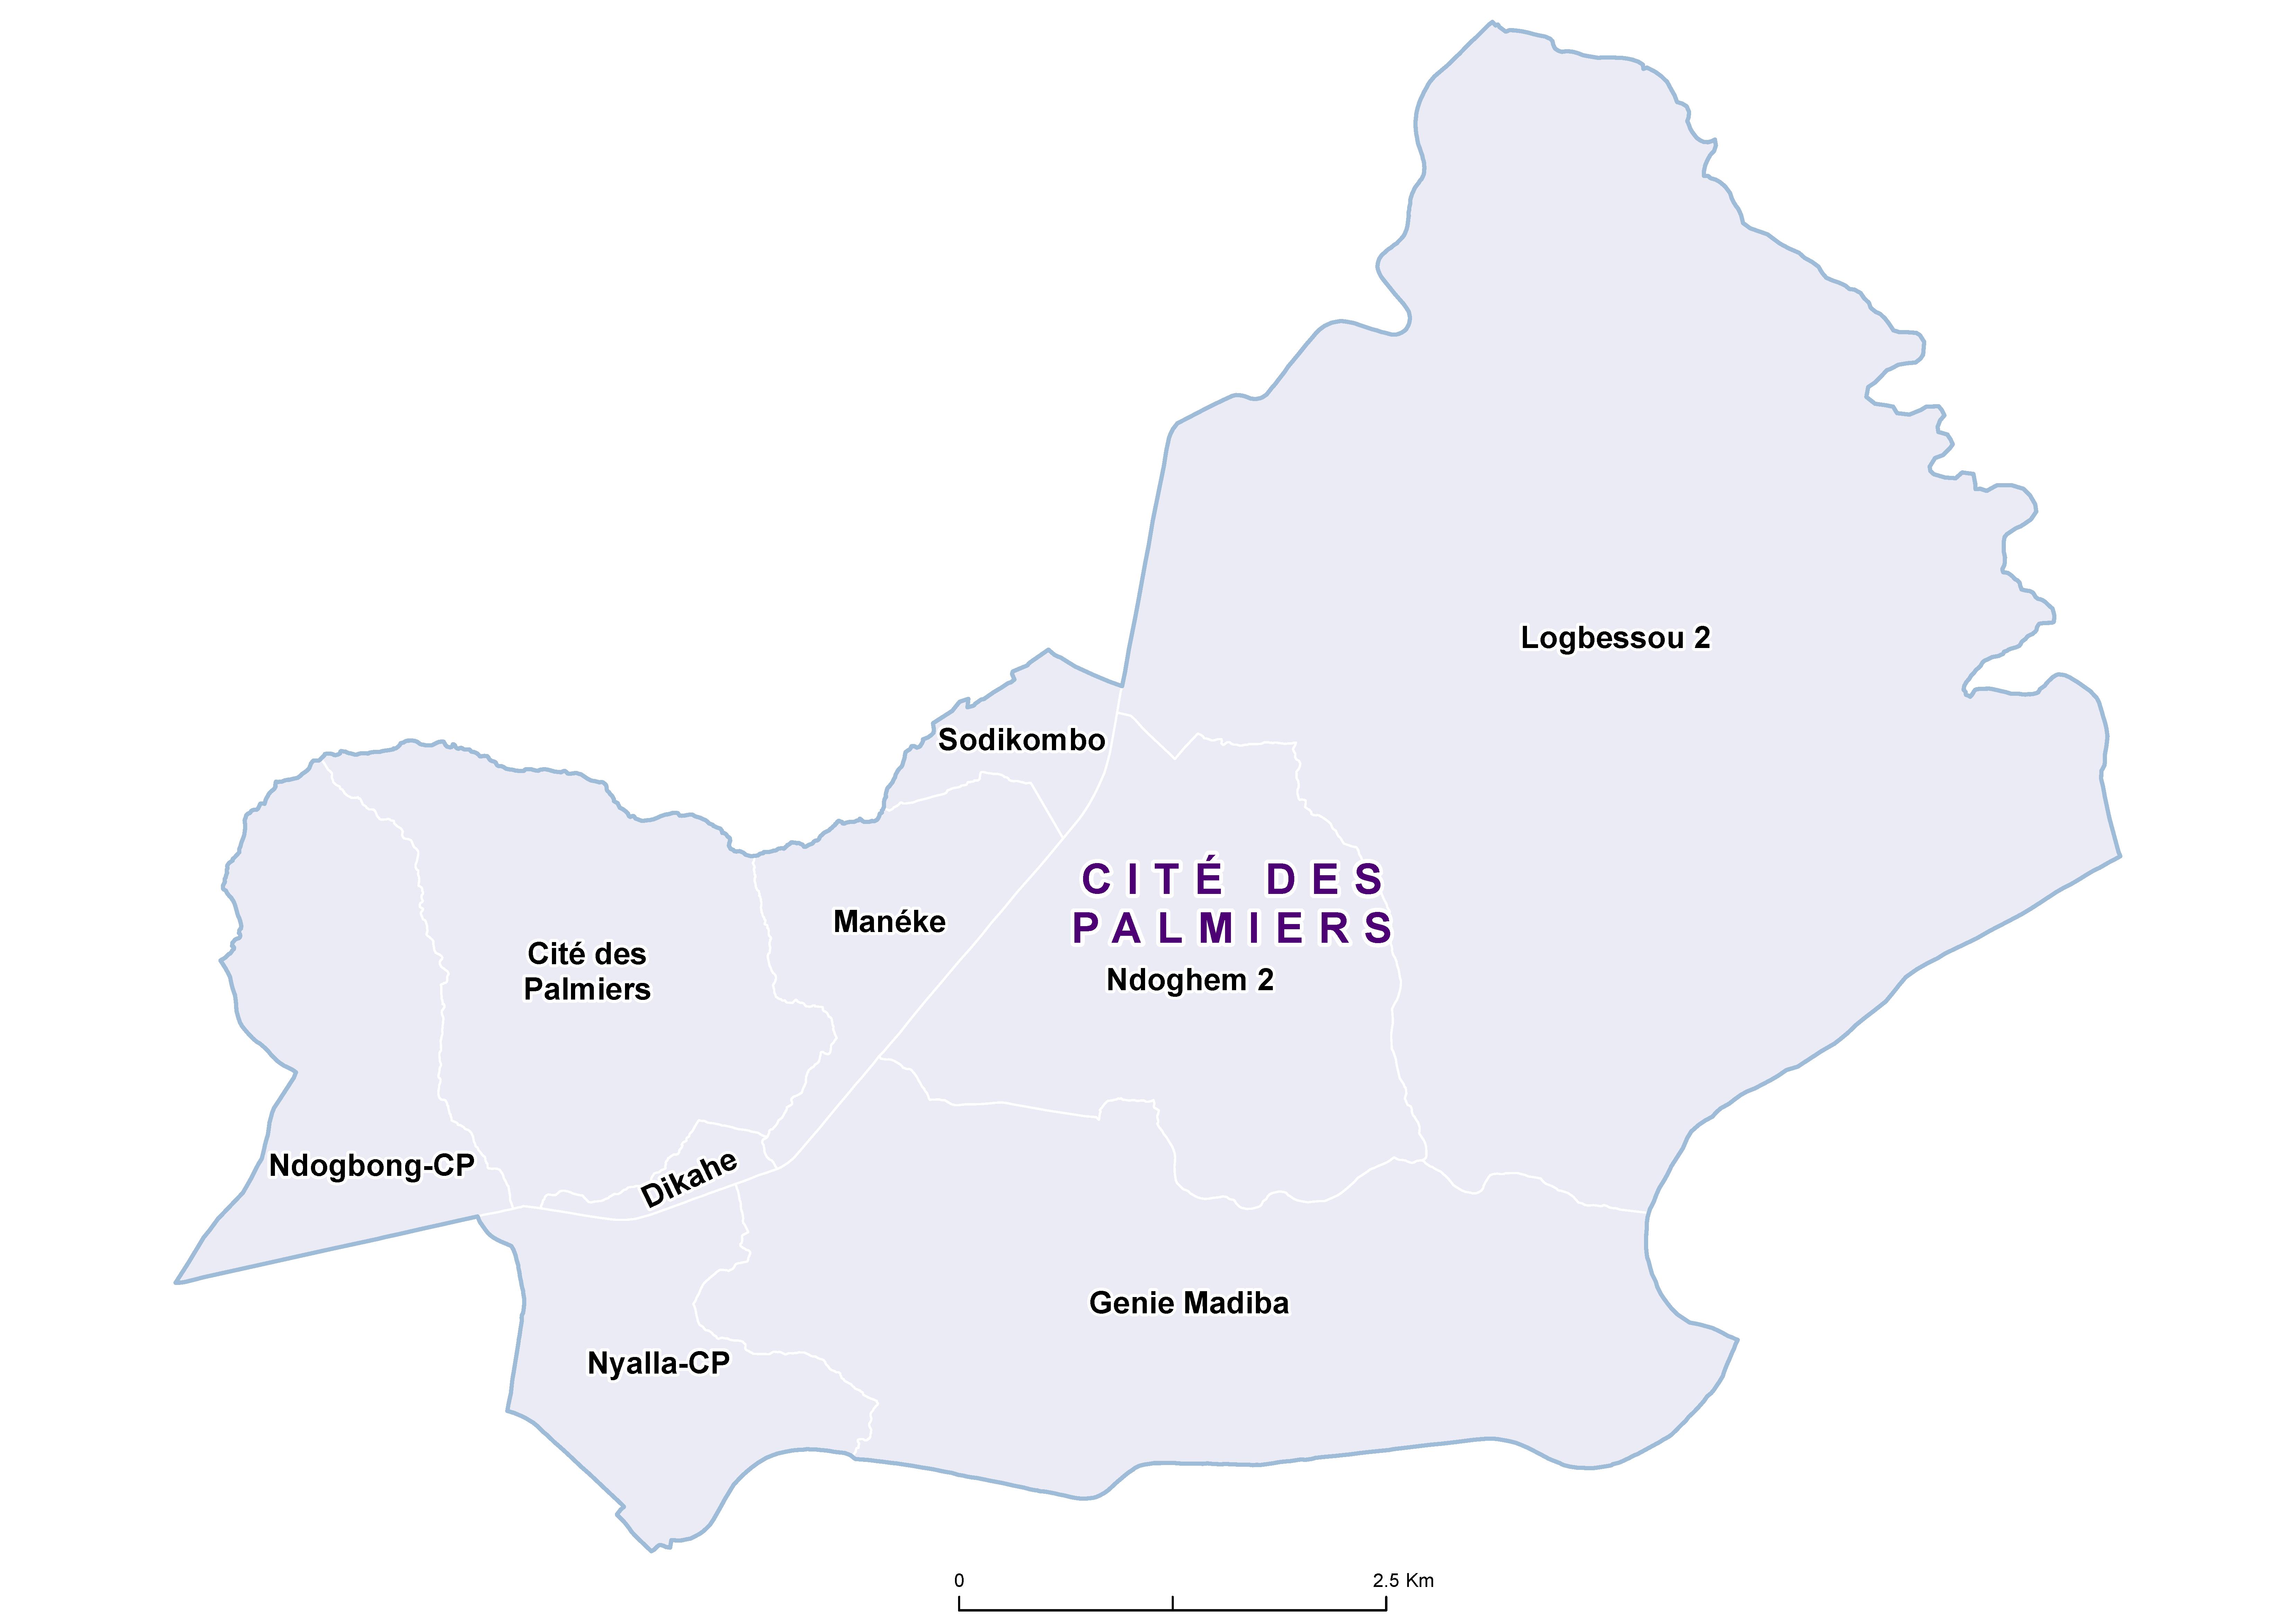 Cité des palmiers SCH 19850001